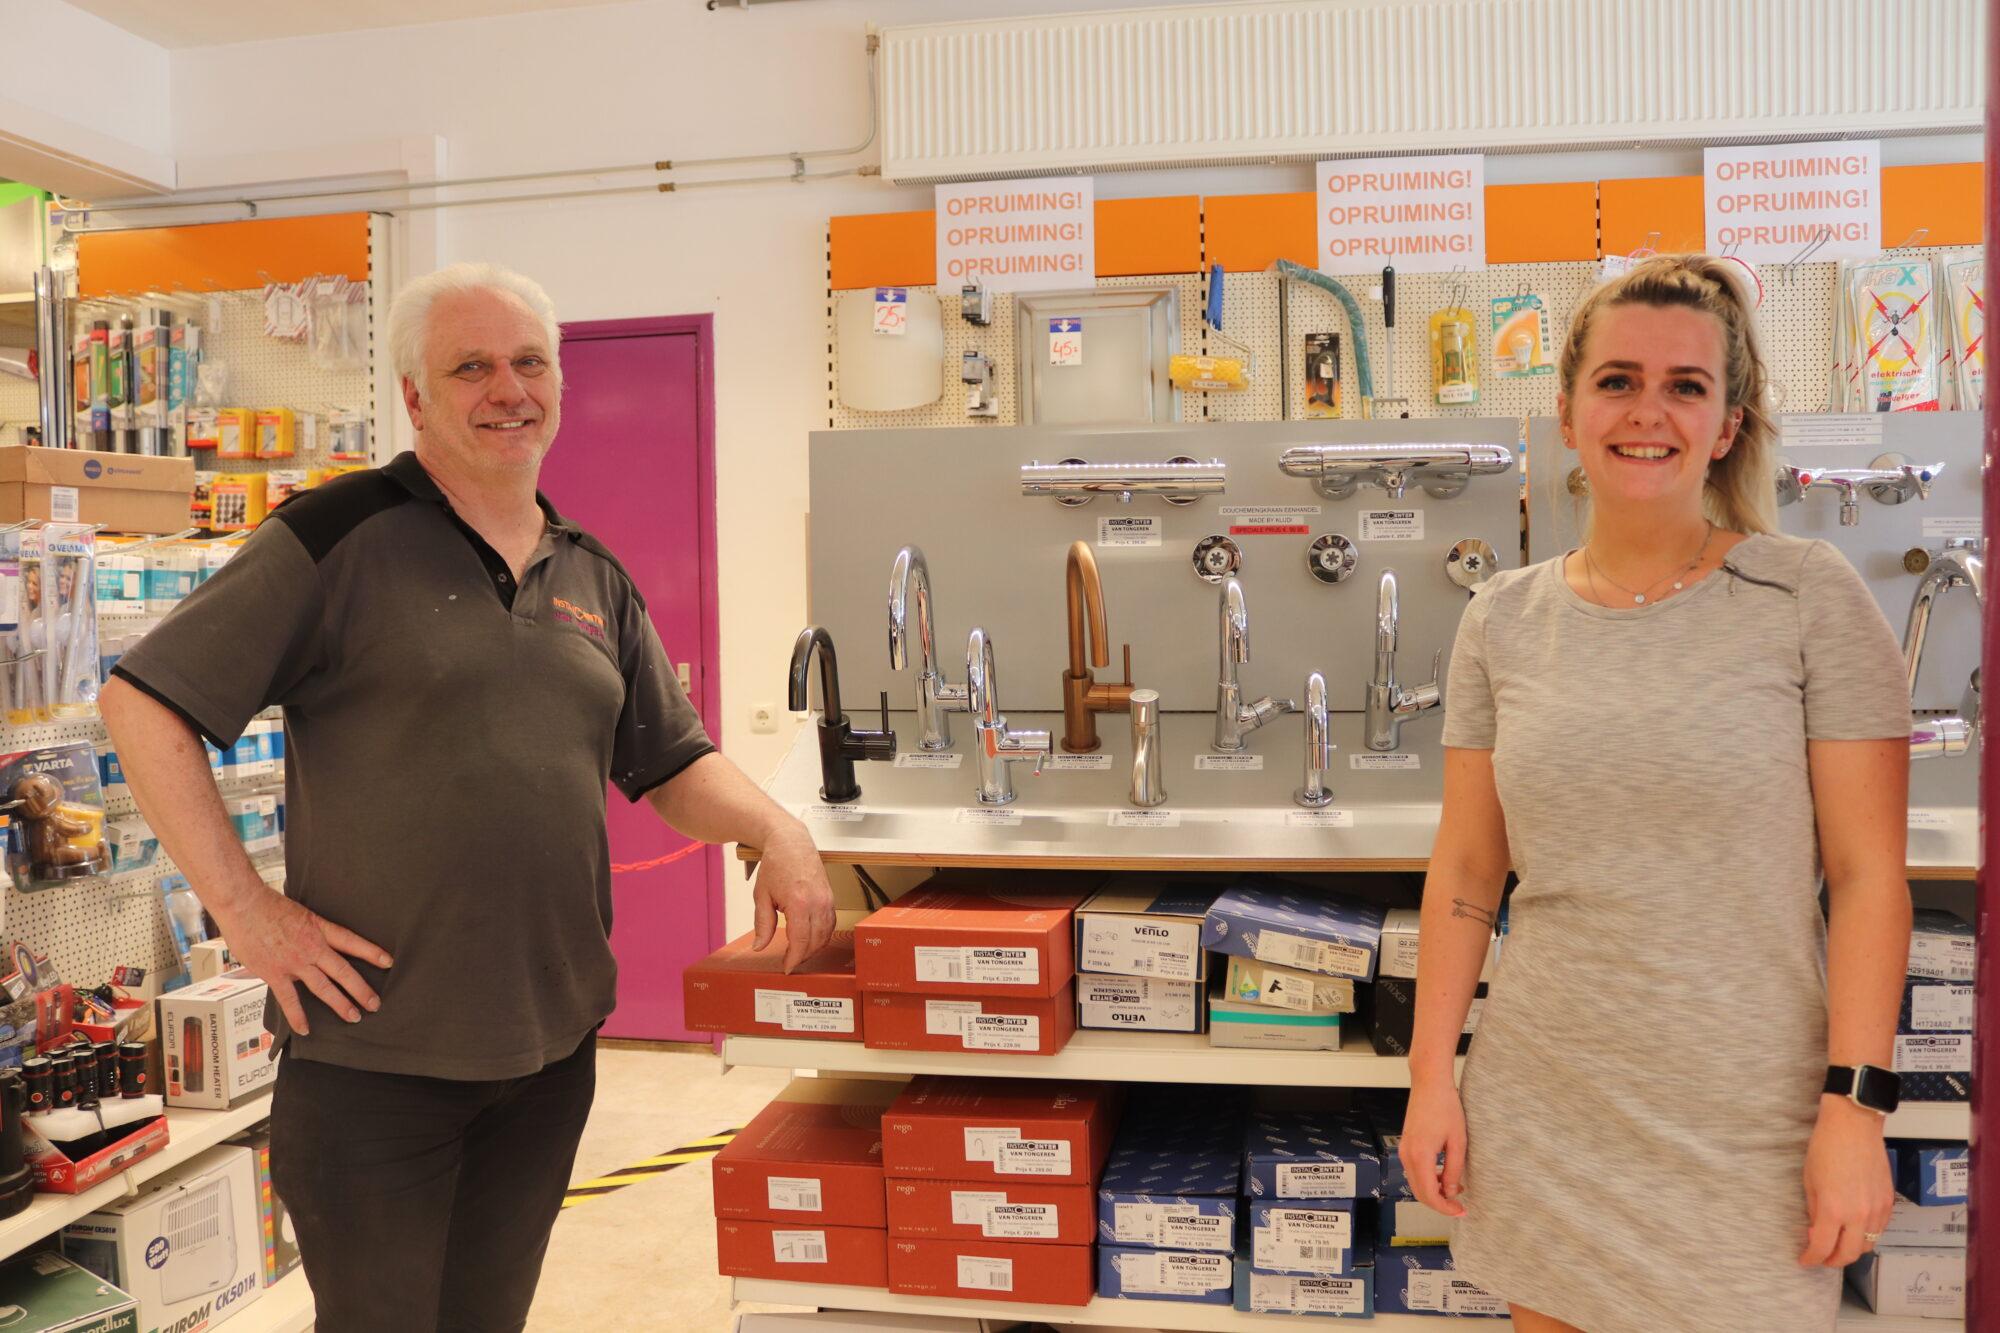 Instalcenter Van Tongeren: 'Als de klant er niet uitkomt, kan er altijd een monteur komen'